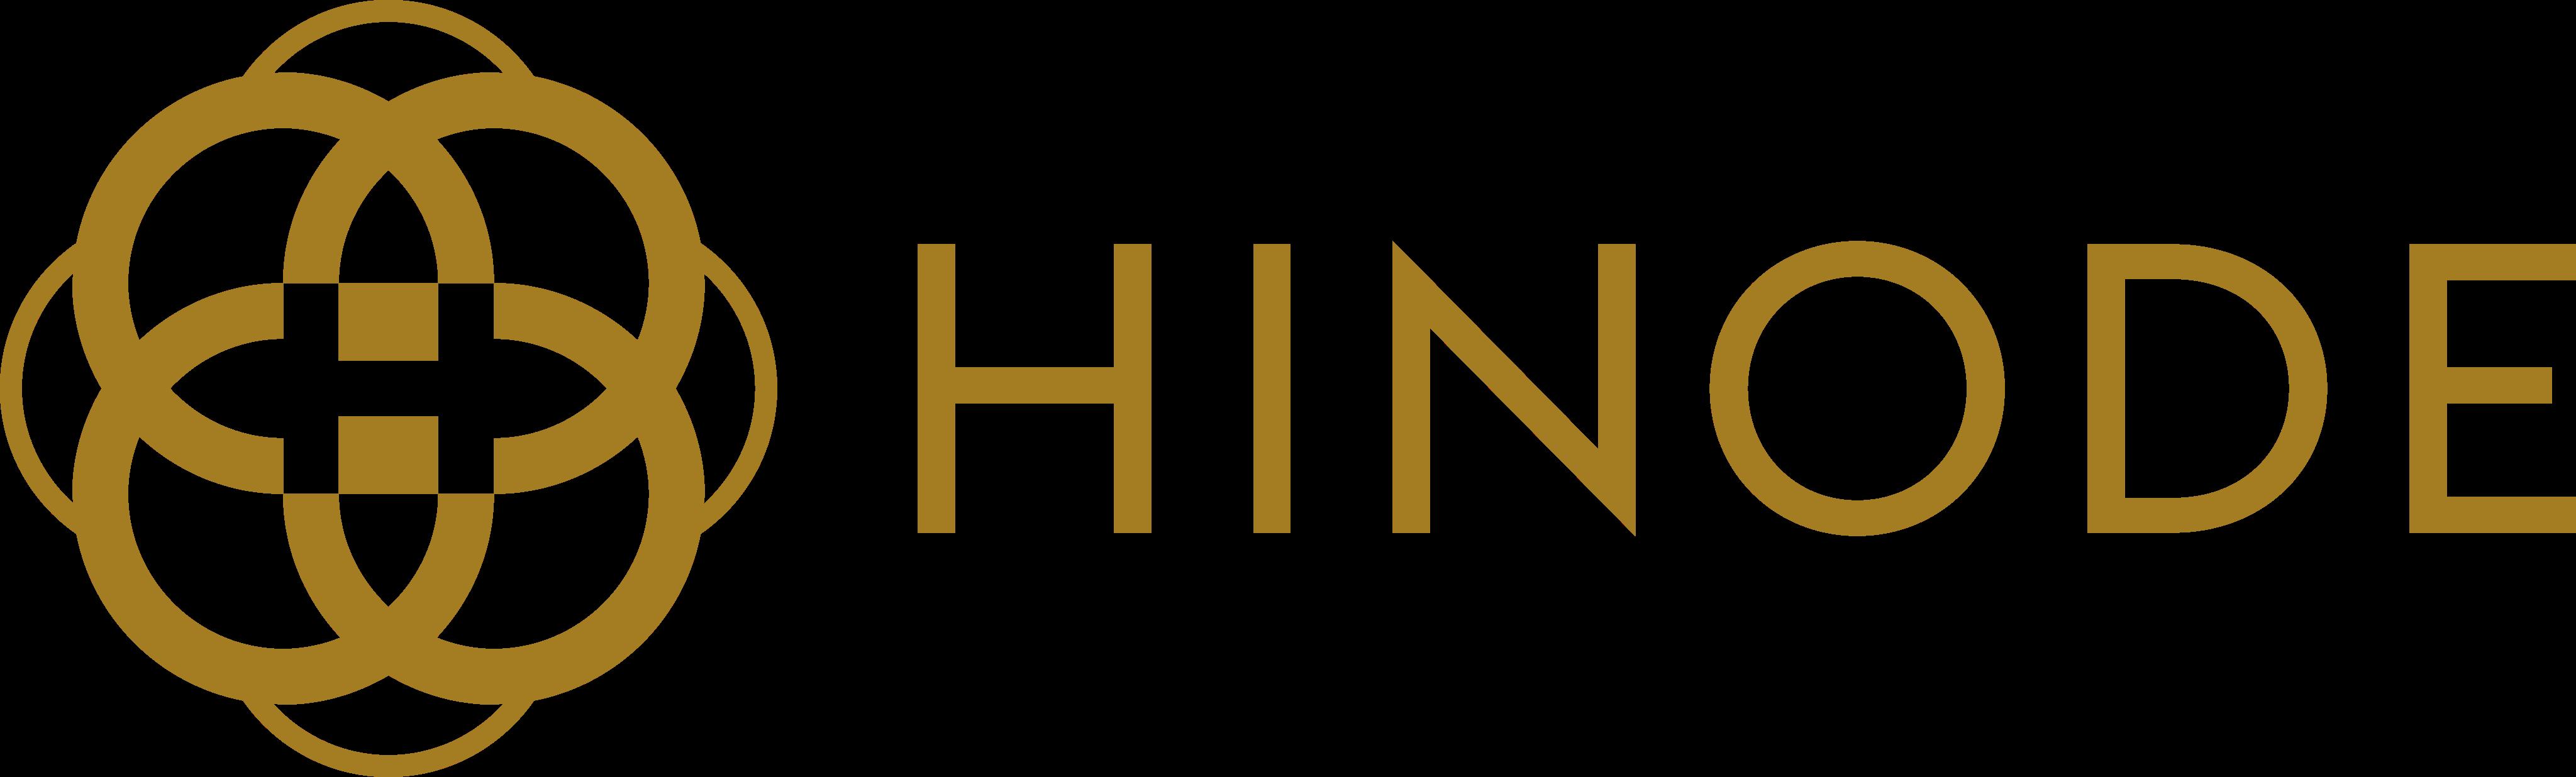 hinode logo 1 - Hinode Logo